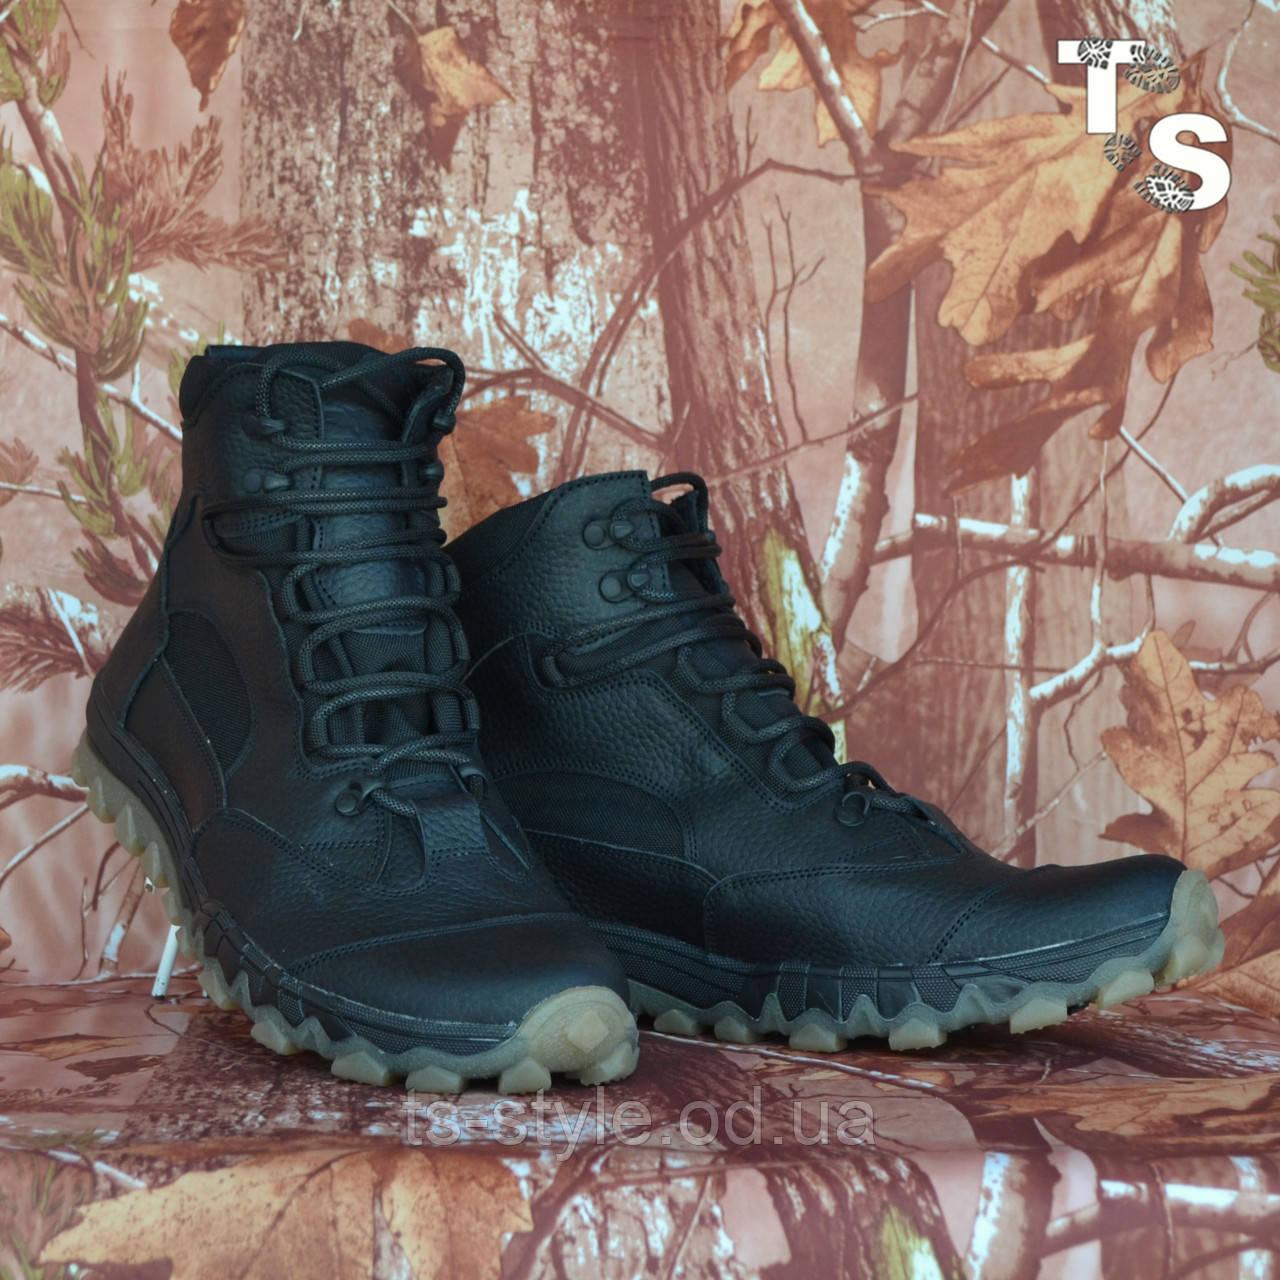 Трекінгові черевики B-5 чорні